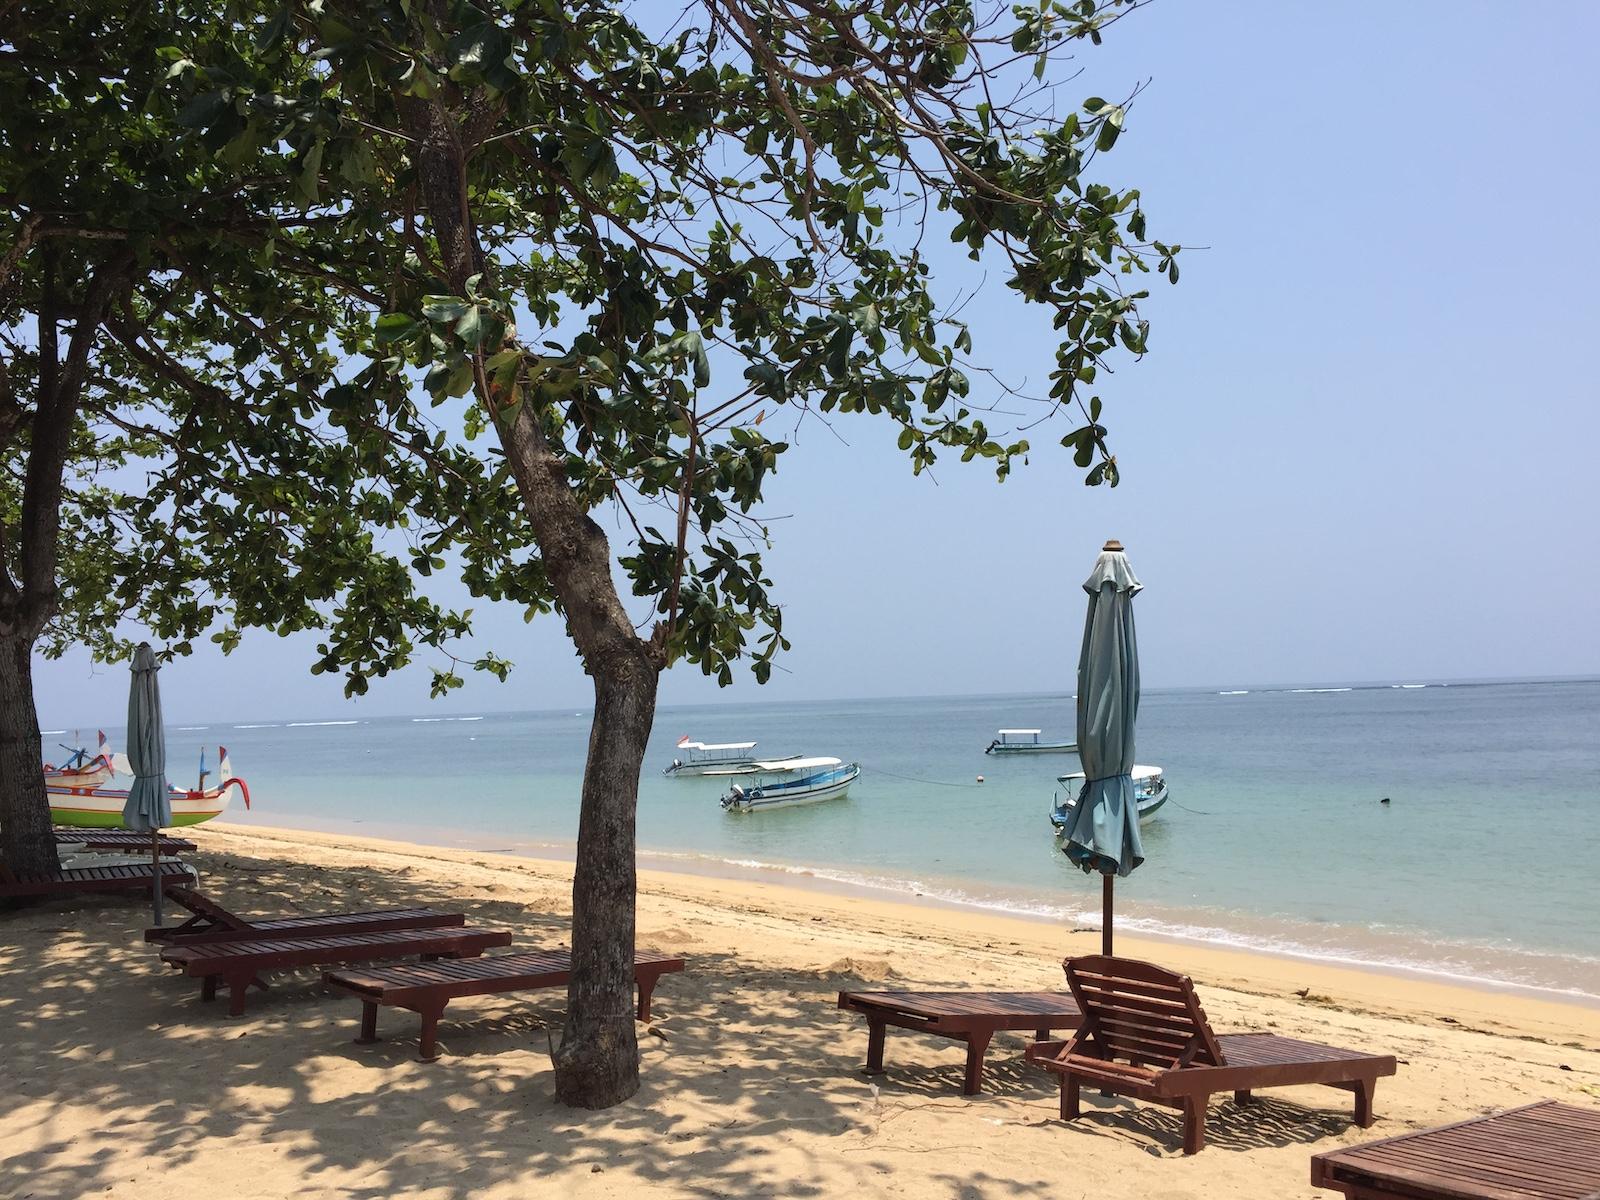 reisen-ferne-länder-bali-indonesien-tourameo